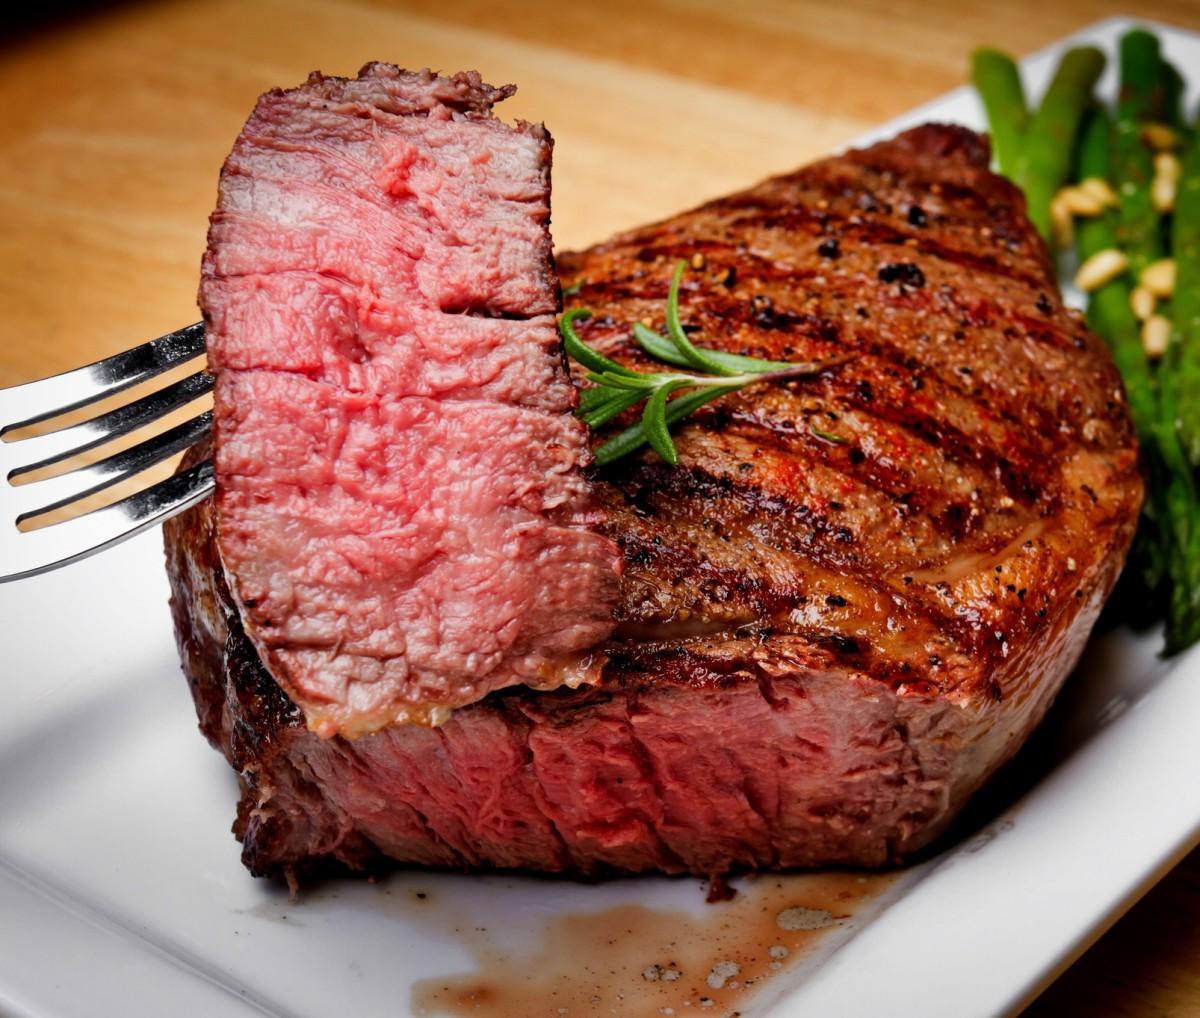 بیماری قلبی با مصرف زیاد گوشت و لبنیات